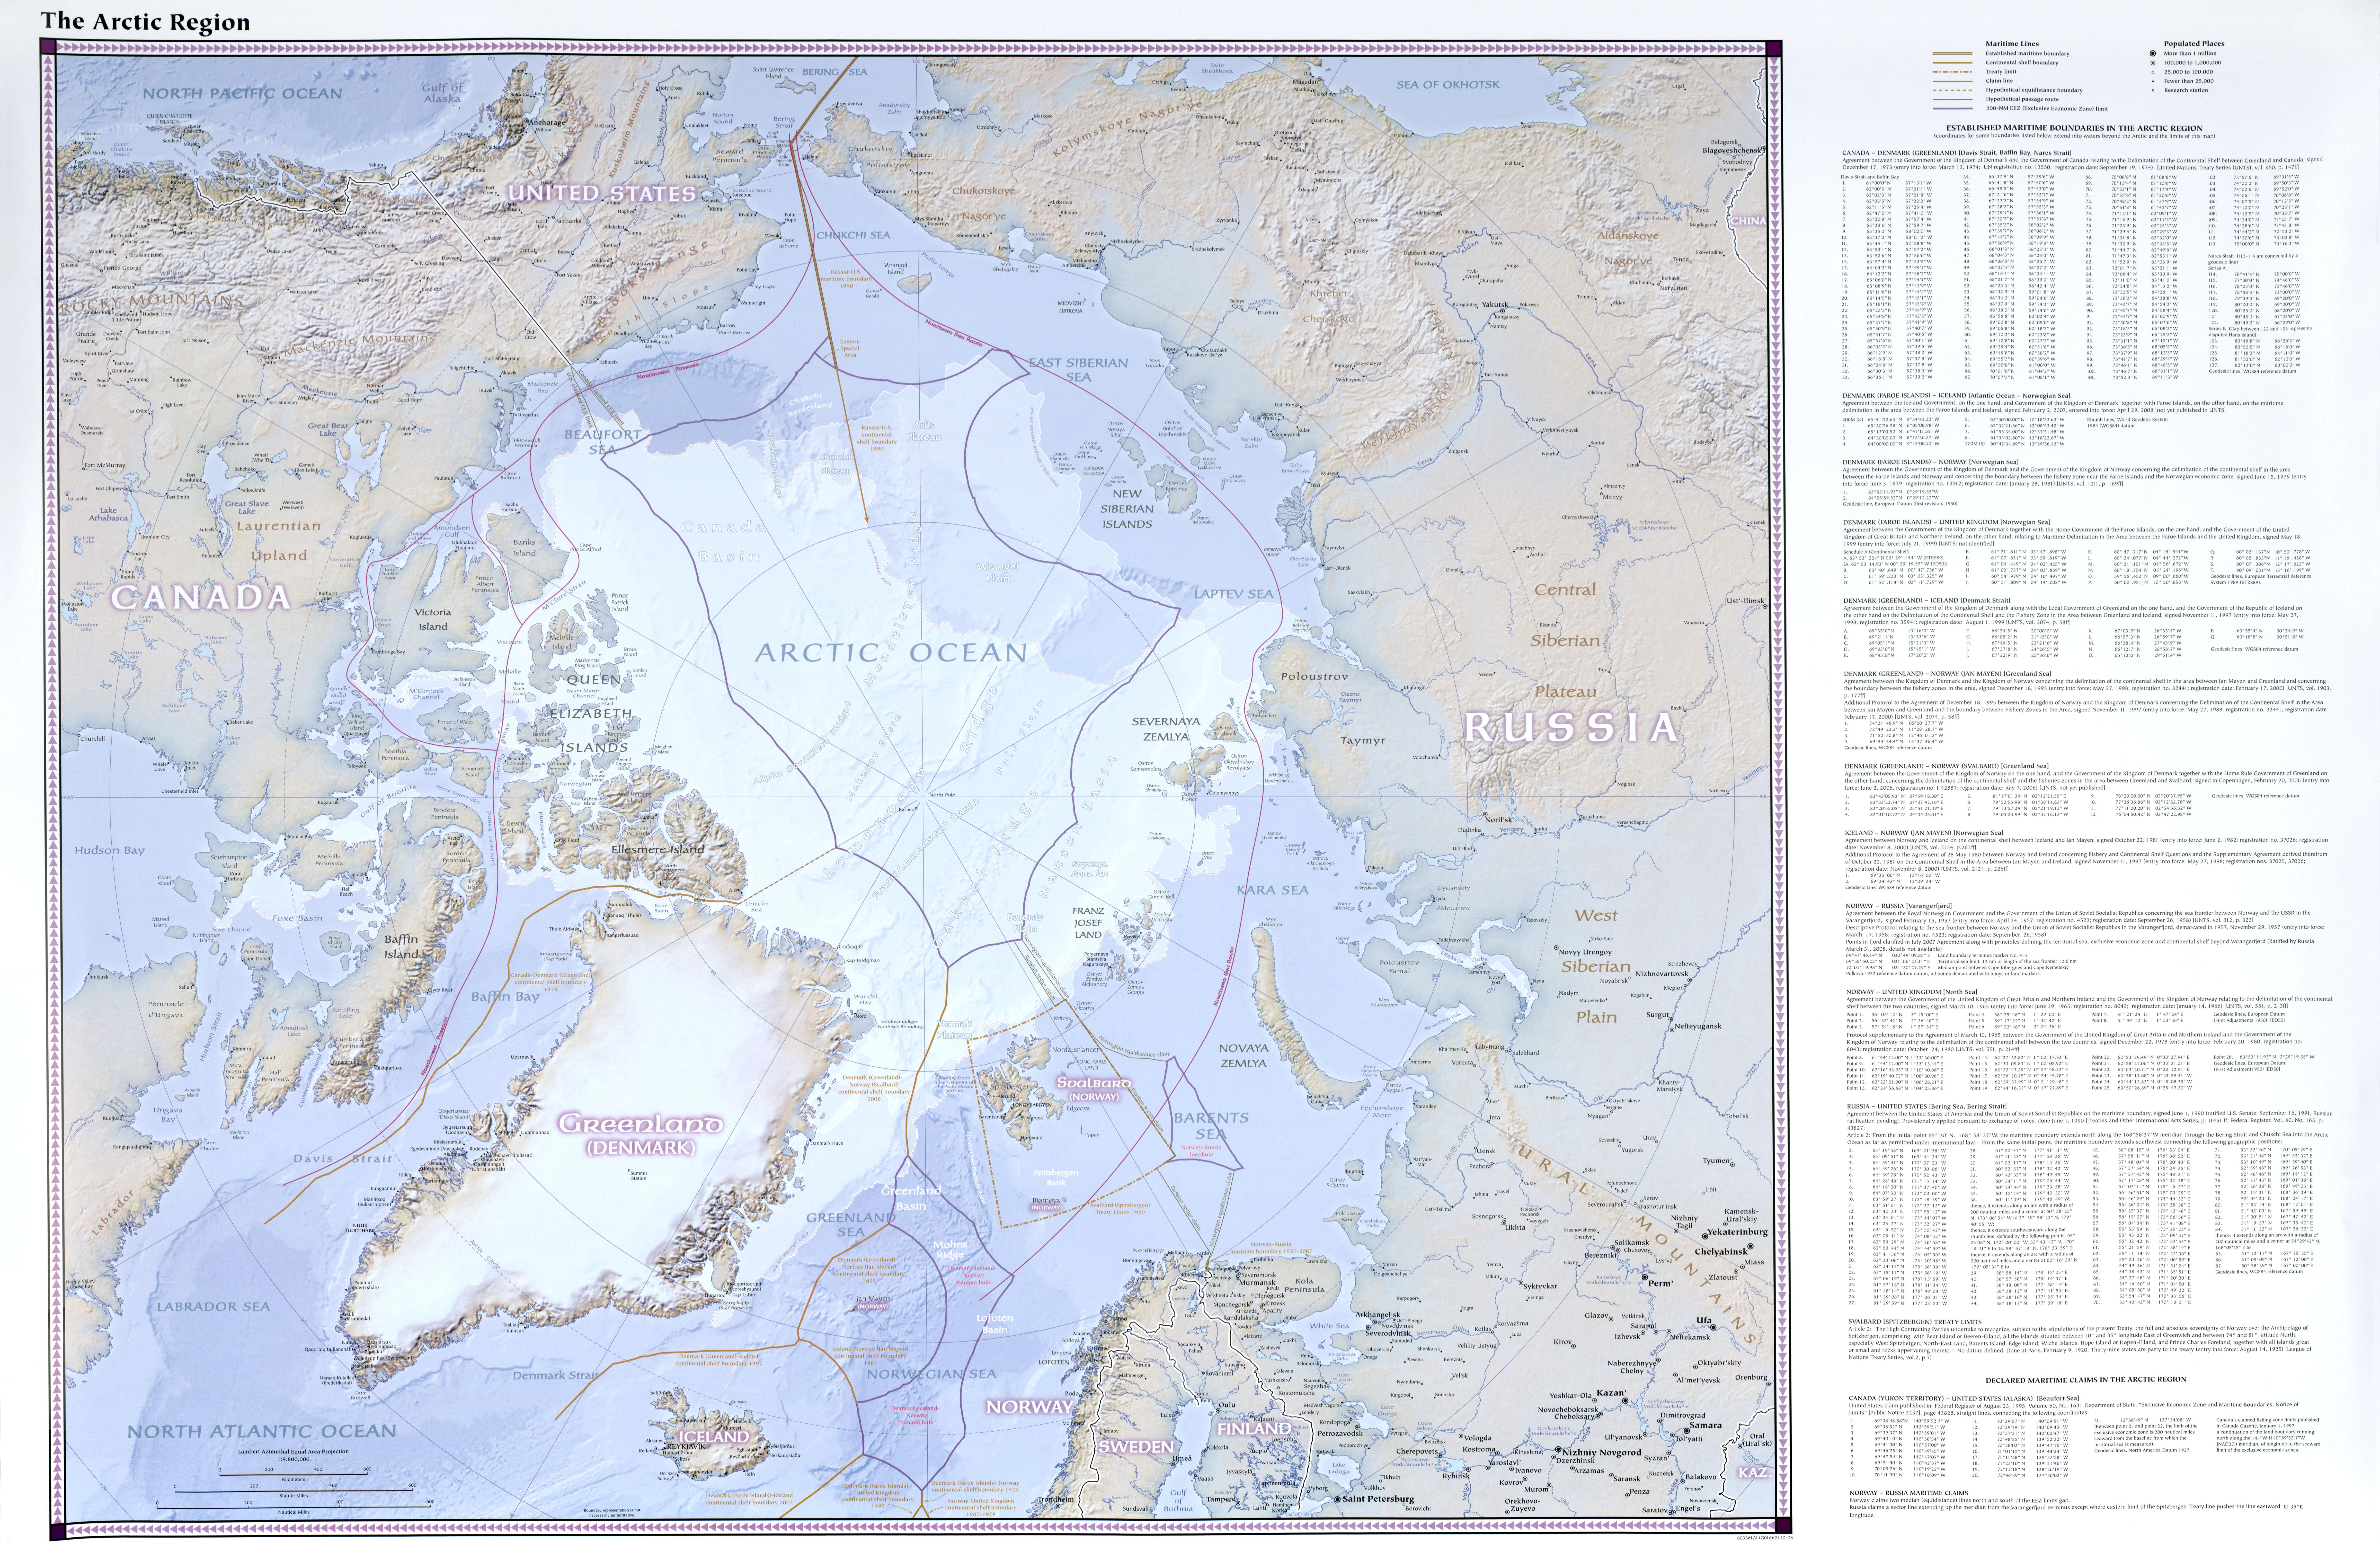 Mapa Físico del Ártico 2008